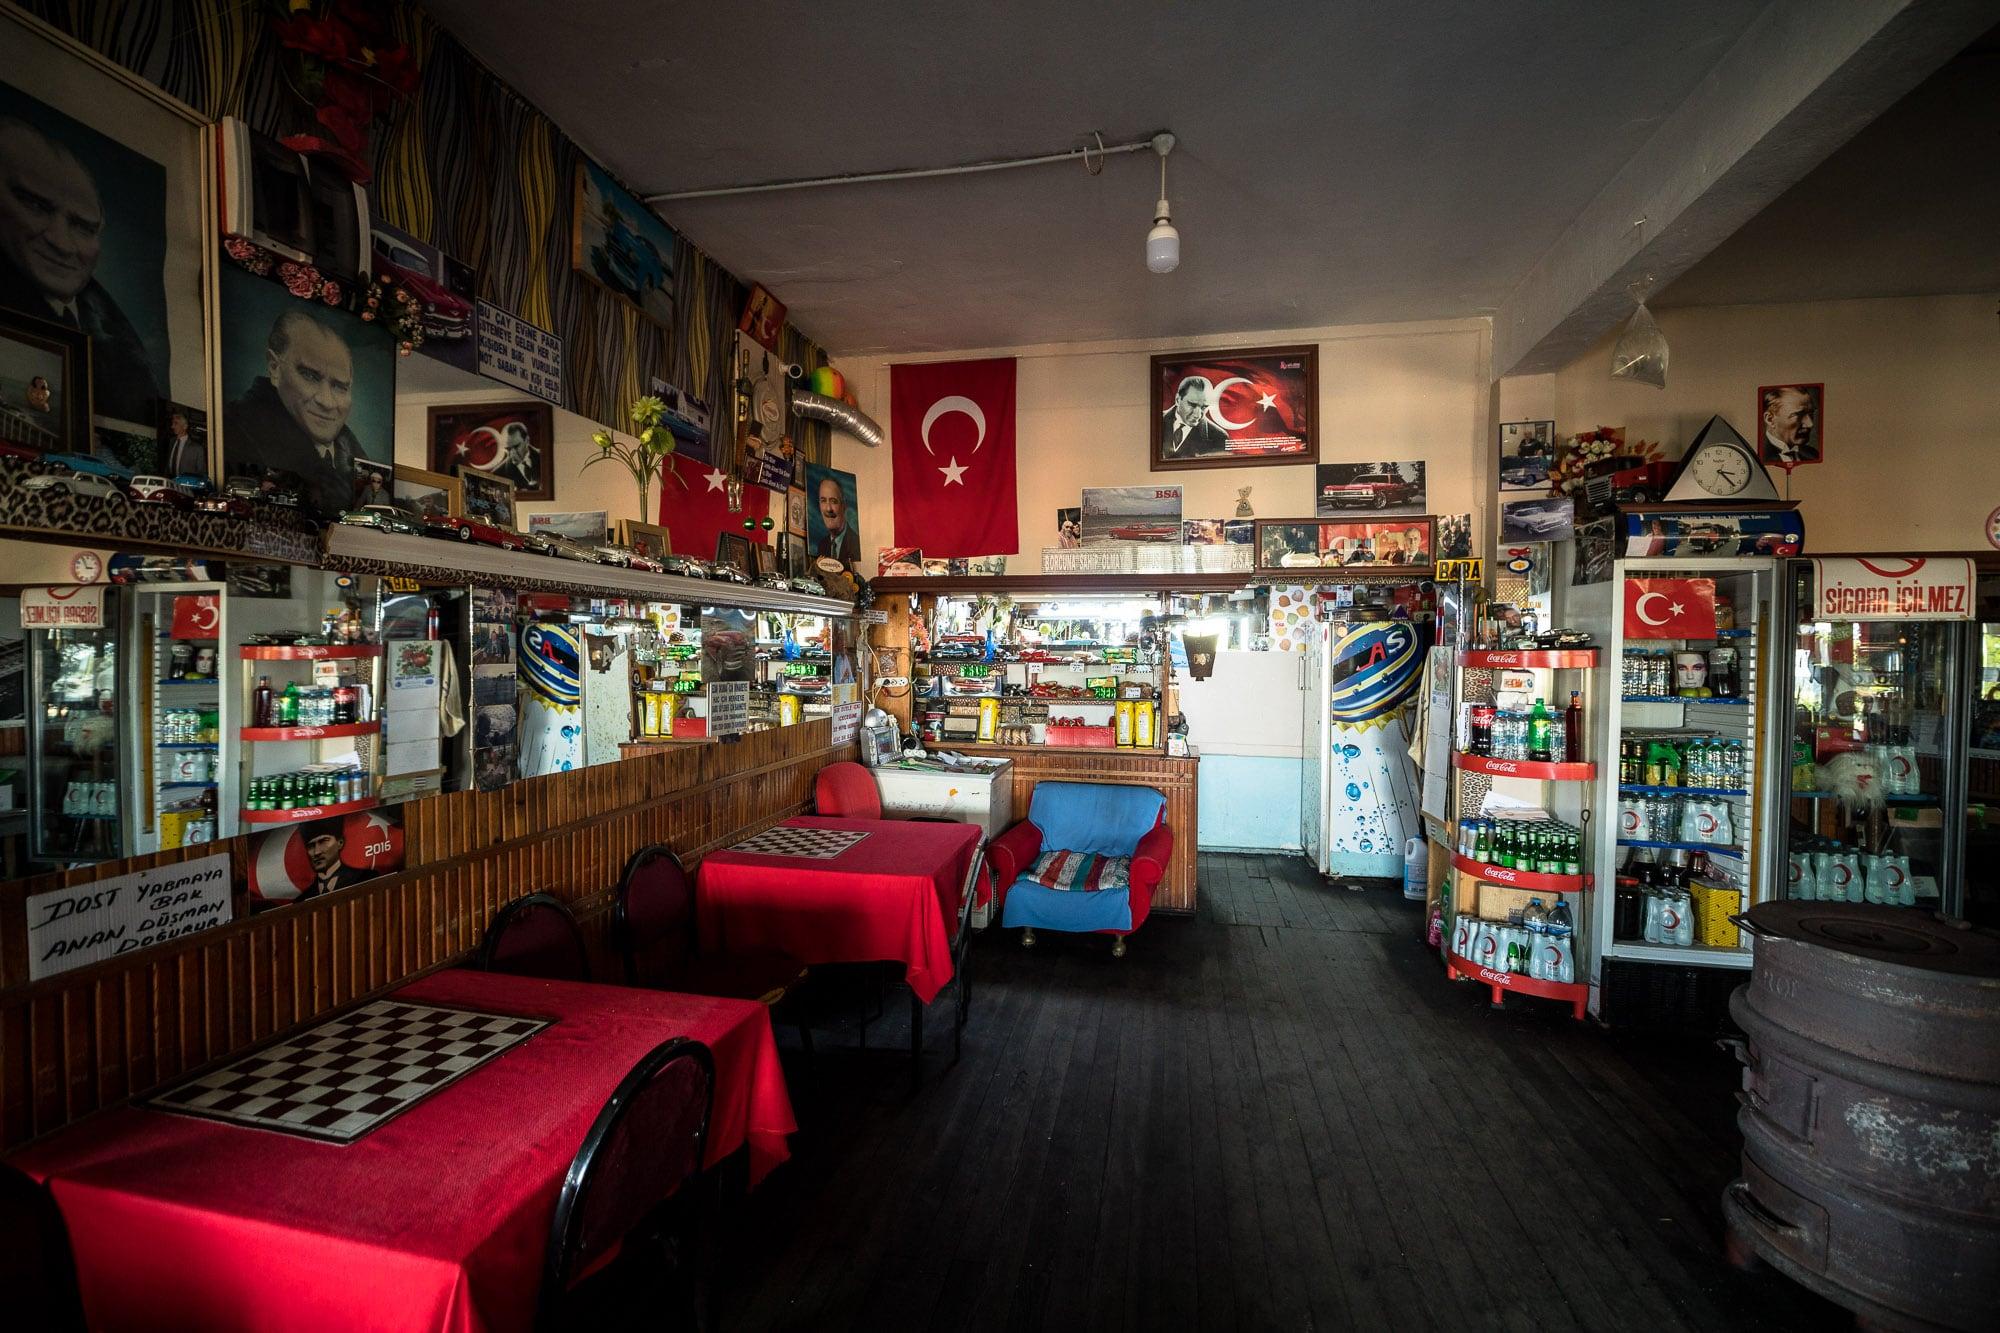 inside Aihan's teahouse